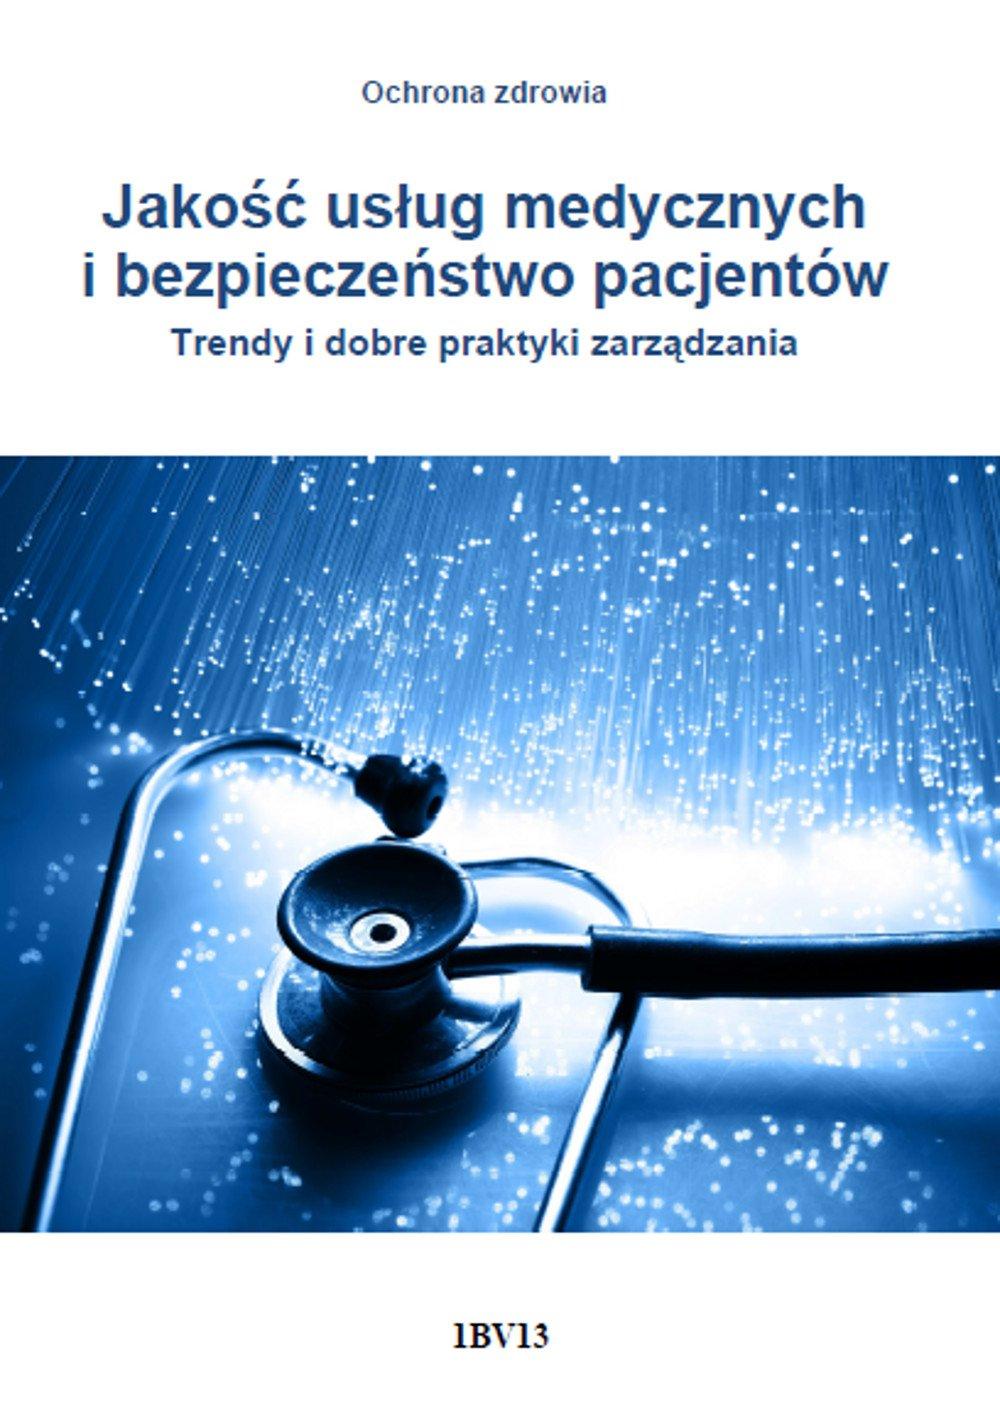 Jakość usług medycznych i bezpieczeństwo pacjentów. Trendy i dobre praktyki zarządzania - Ebook (Książka PDF) do pobrania w formacie PDF